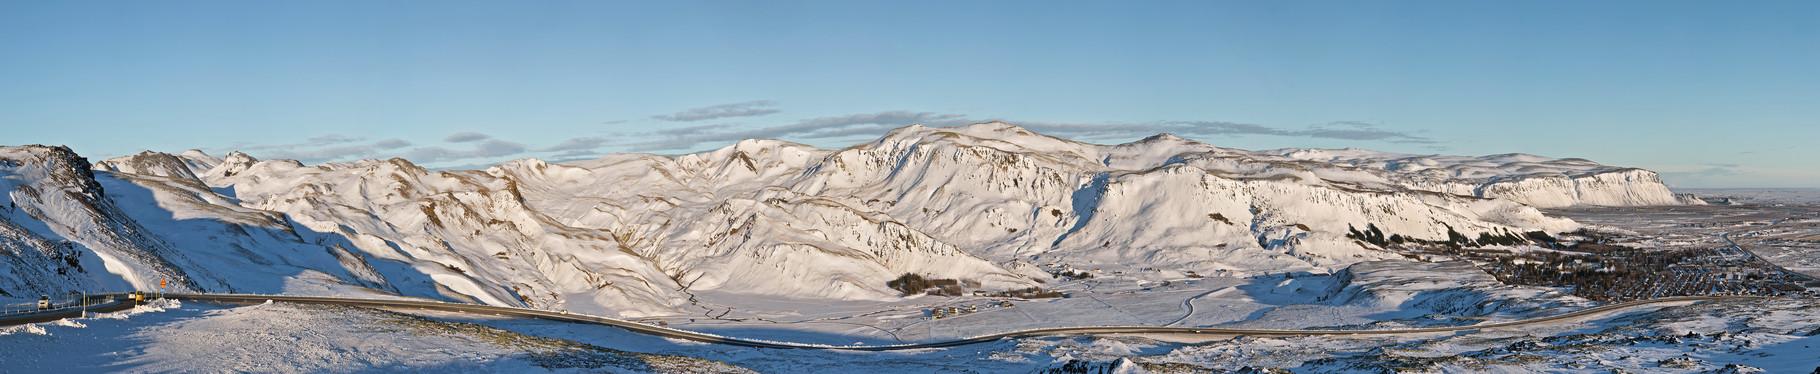 Blick aufs Hochland - Island